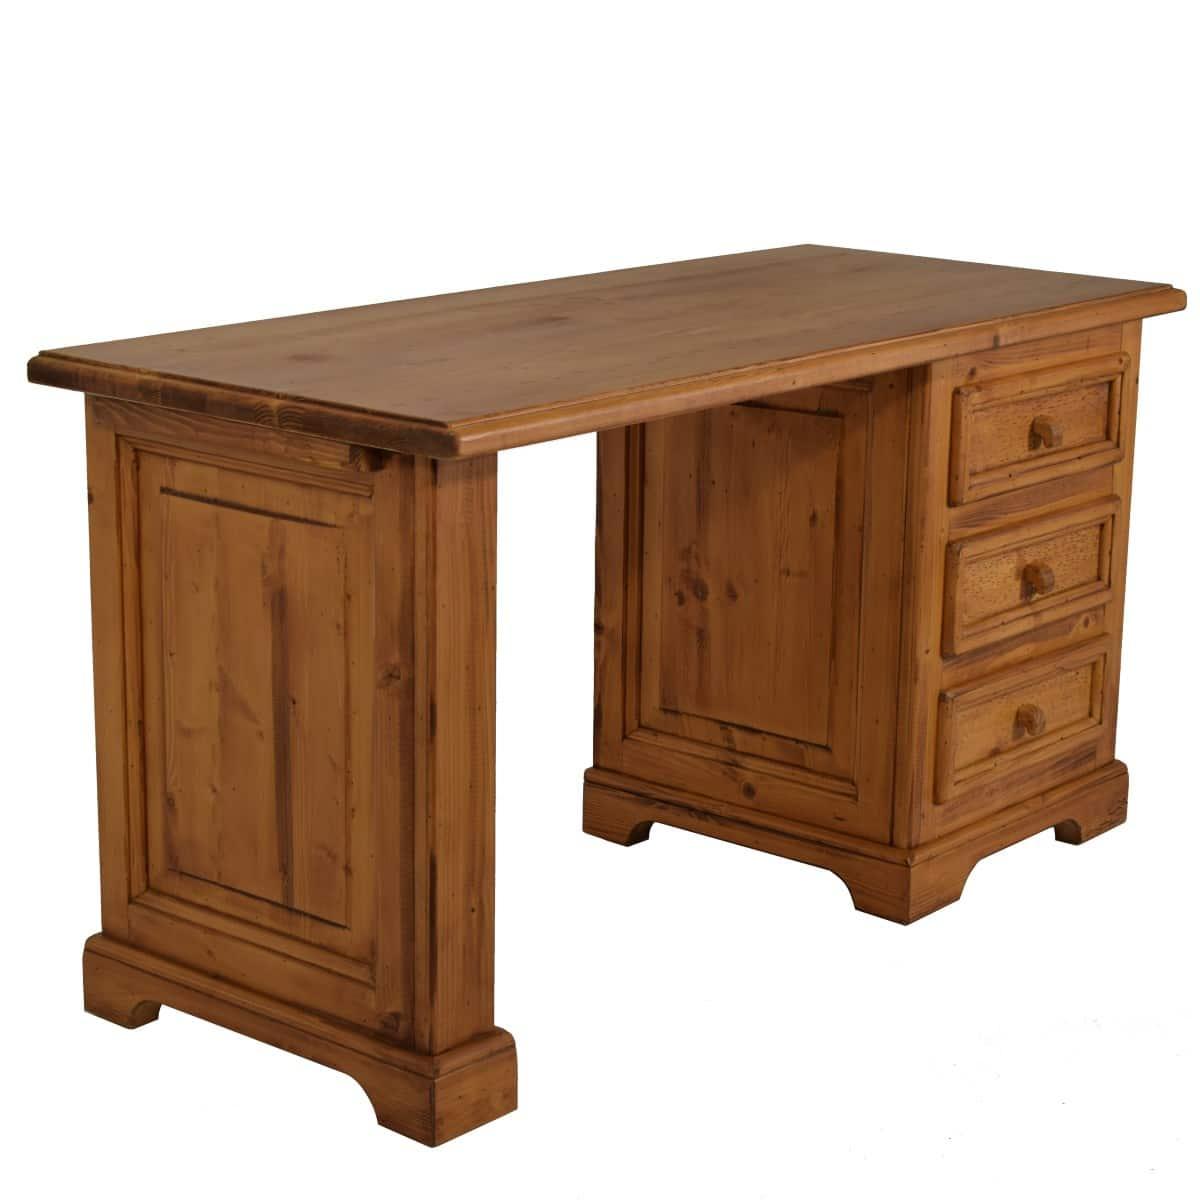 Escritorio r stico de madera peque o cajones ecor stico - Escritorio cajones ...